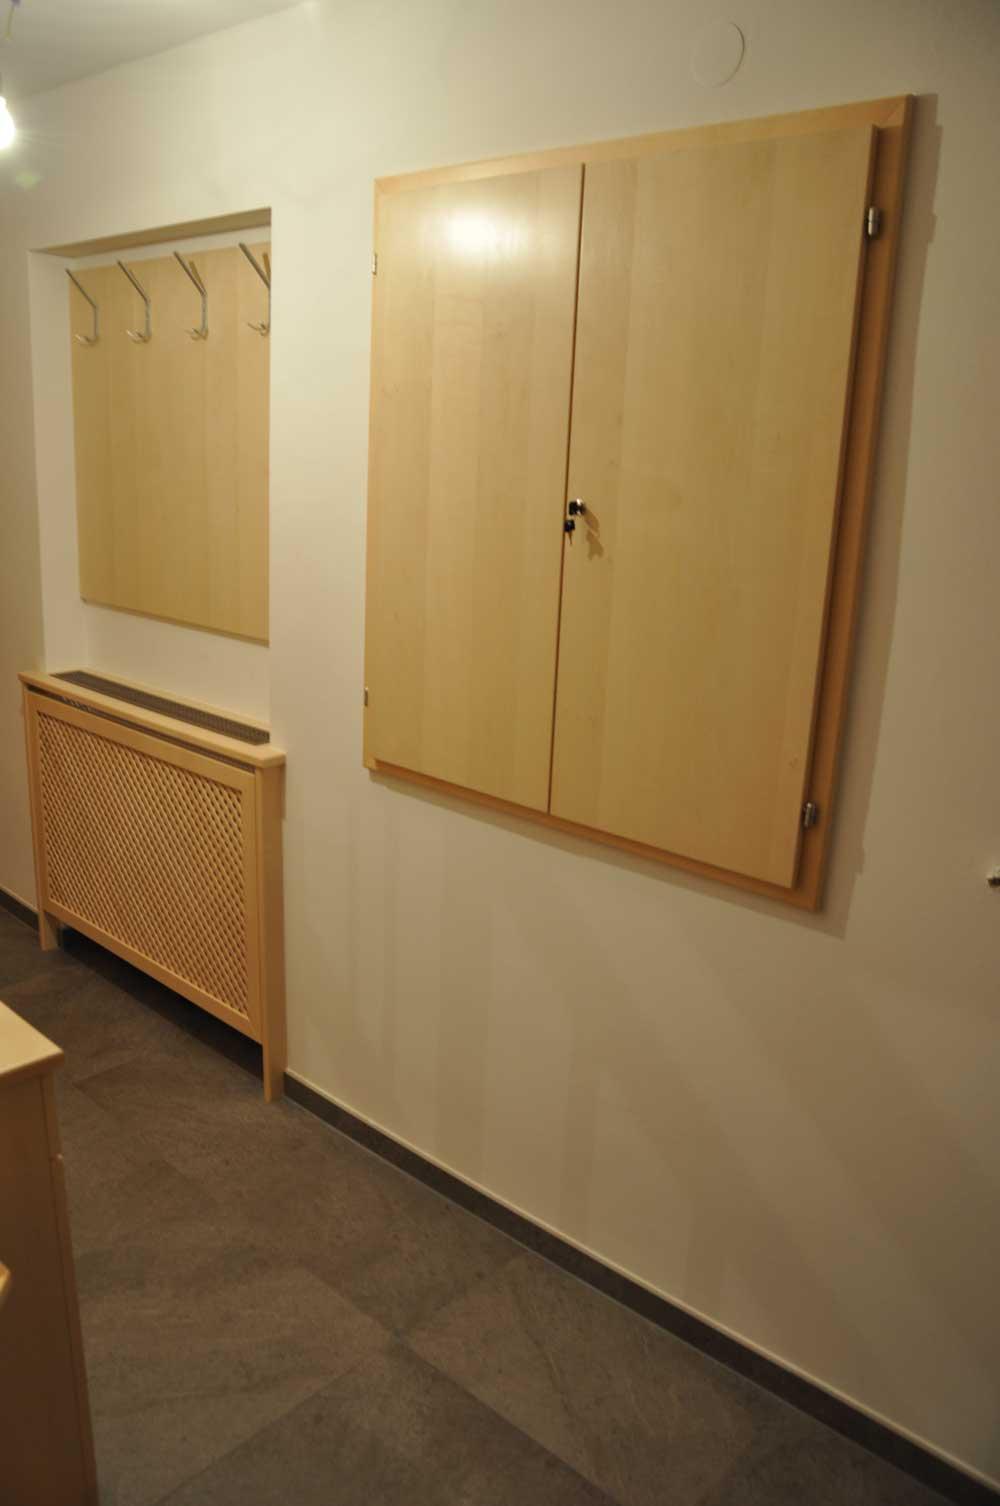 holz-vorzimmer-garderobe-vom-tischler-nach-maß-modern-planung-3